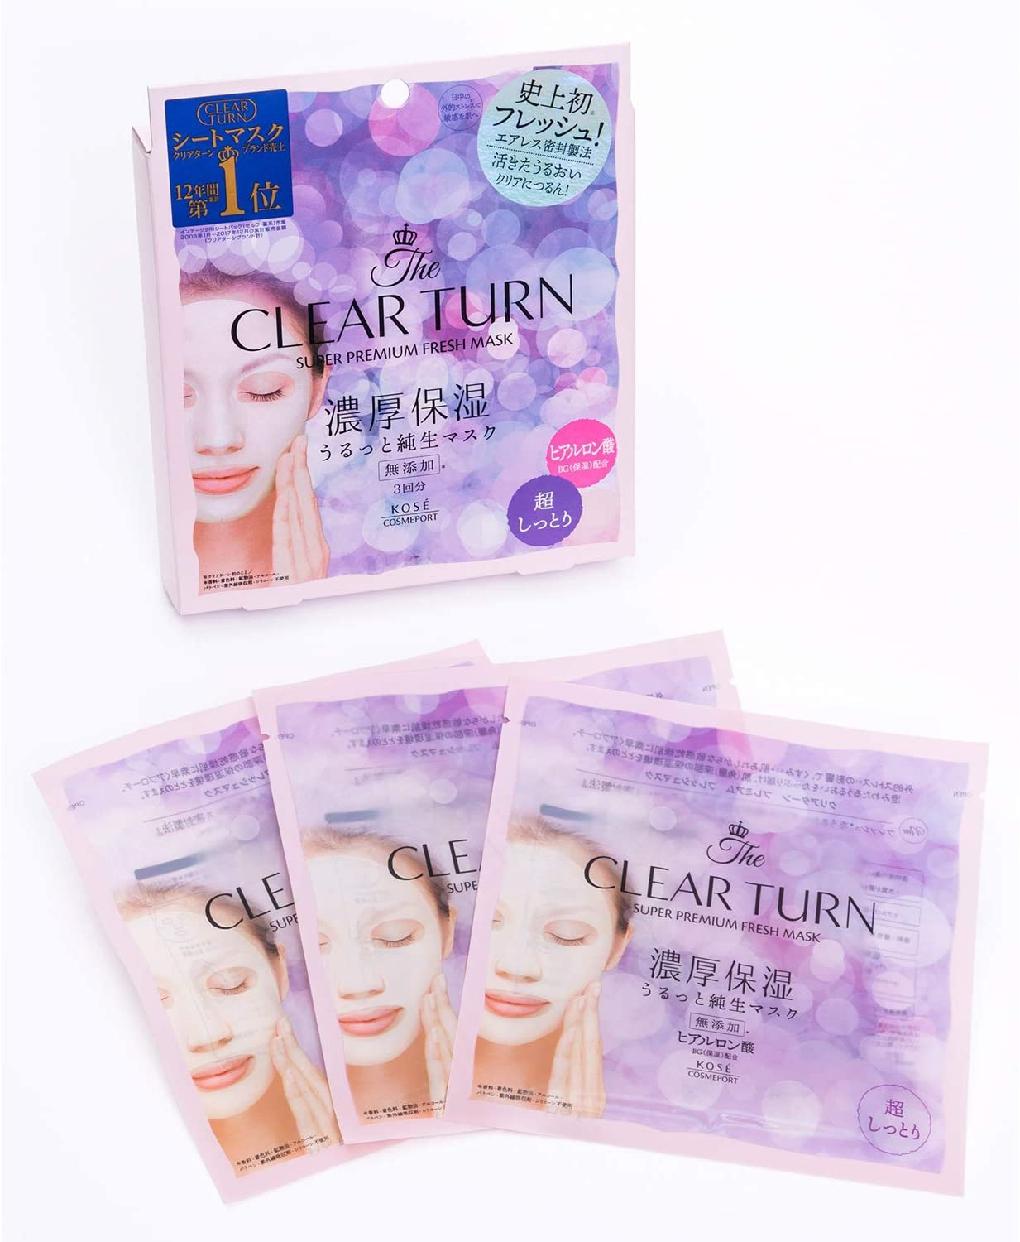 CLEAR TURN(クリアターン) プレミアム フレッシュマスク (超しっとり)の商品画像8